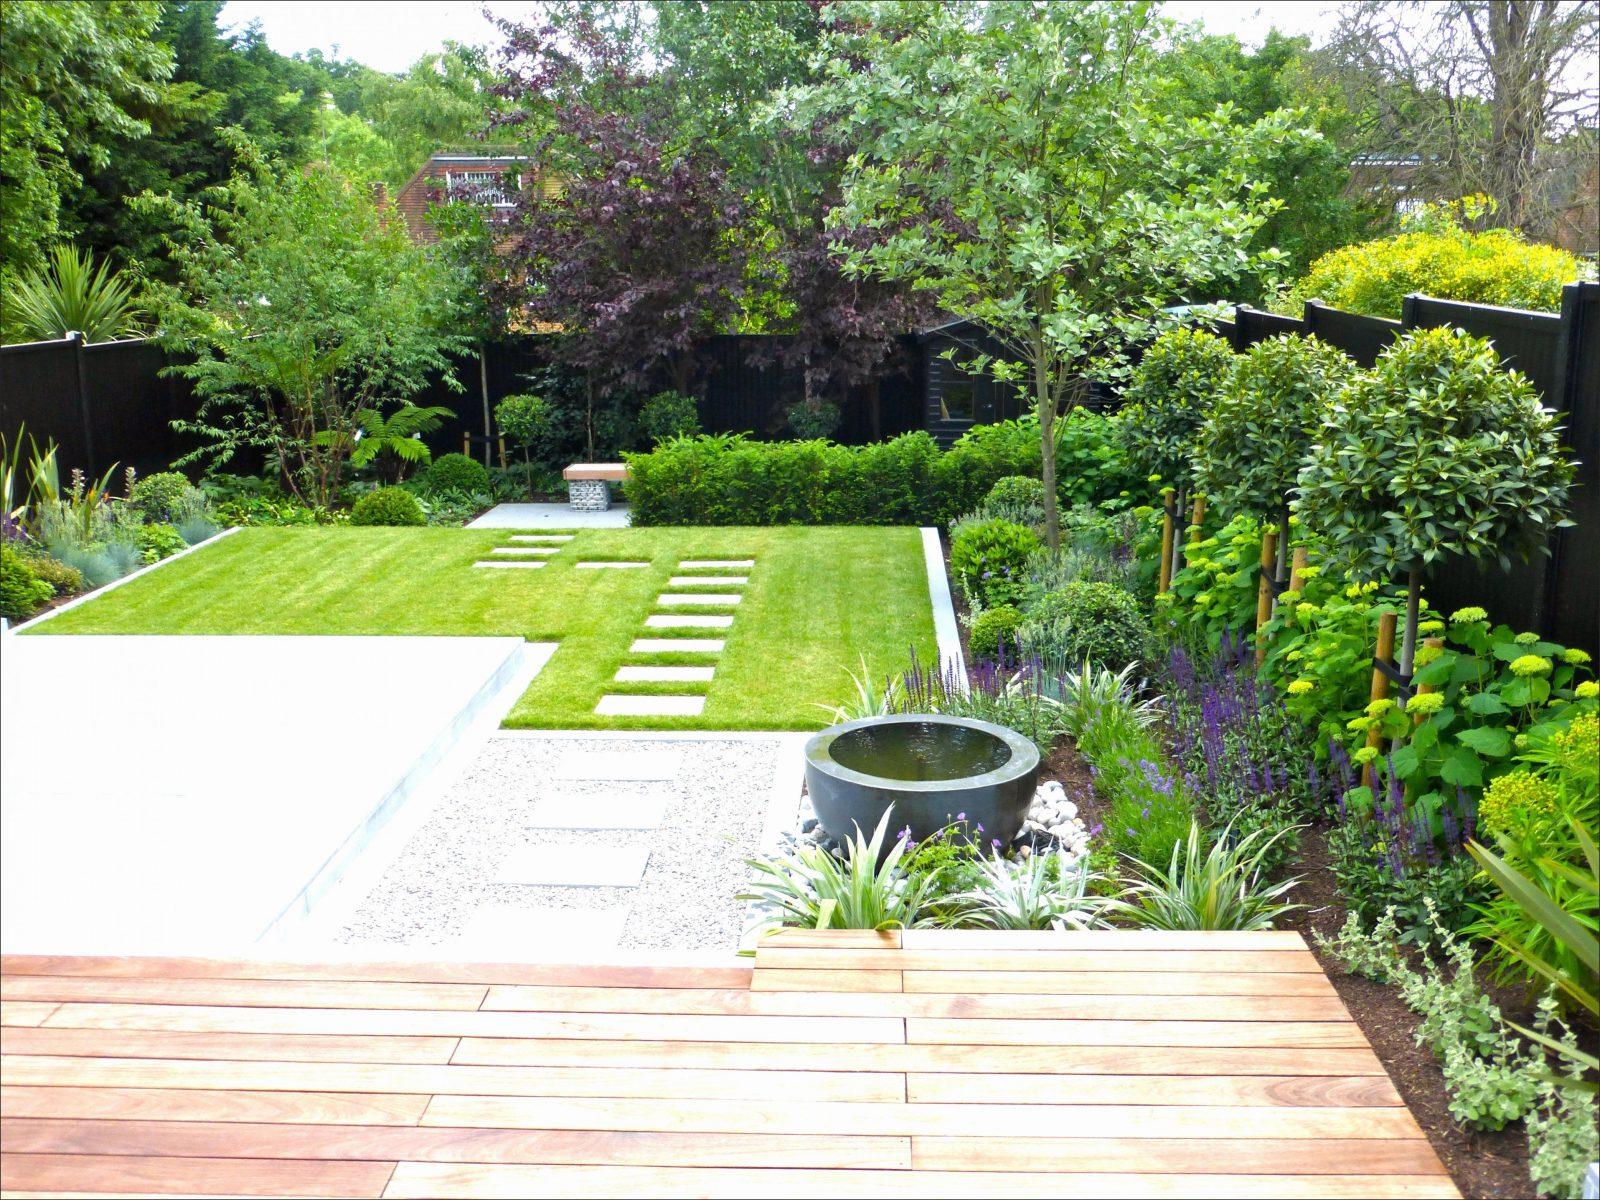 Sitzplatz Garten Gestalten Inspirierend Frisch Garten Modern Anlegen von Sitzplatz Im Garten Gestalten Photo